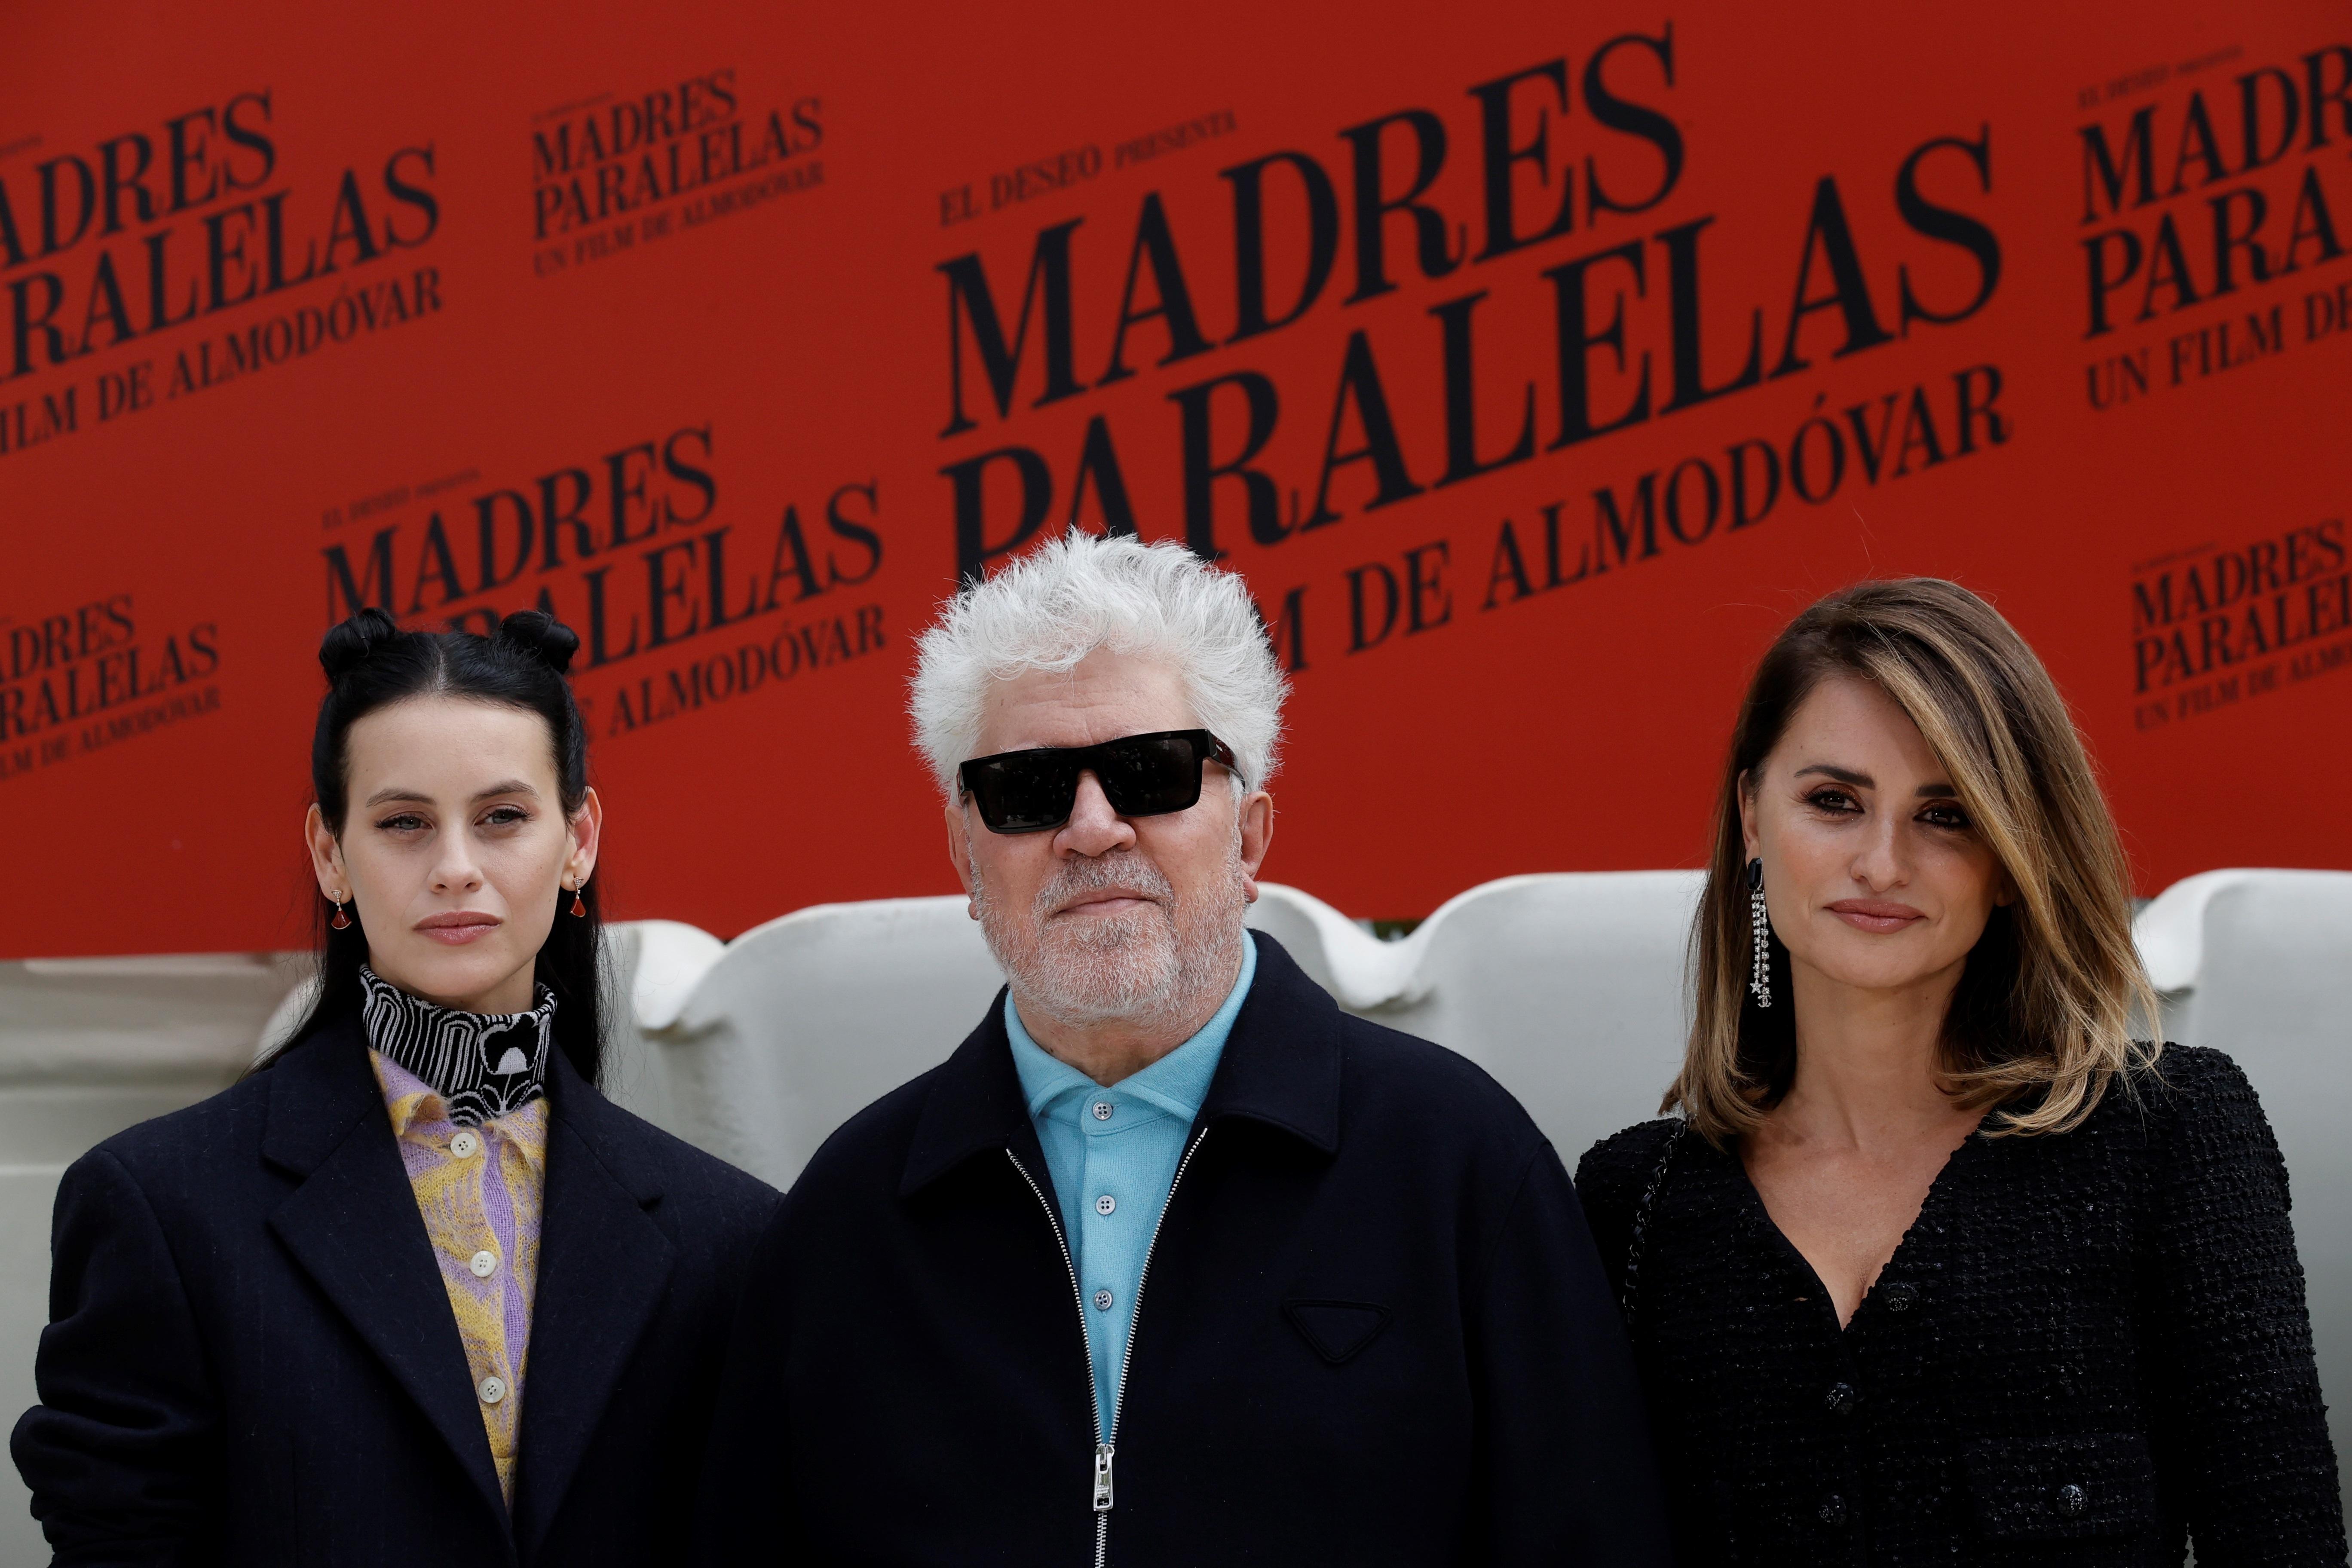 El director de cine Pedro Almodóvar (c) posa con las actrices Penélope Cruz (d) y Milena Smit (i) durante la presentación de 'Madres paralelas' en el Hotel Ritz de Madrid este lunes.